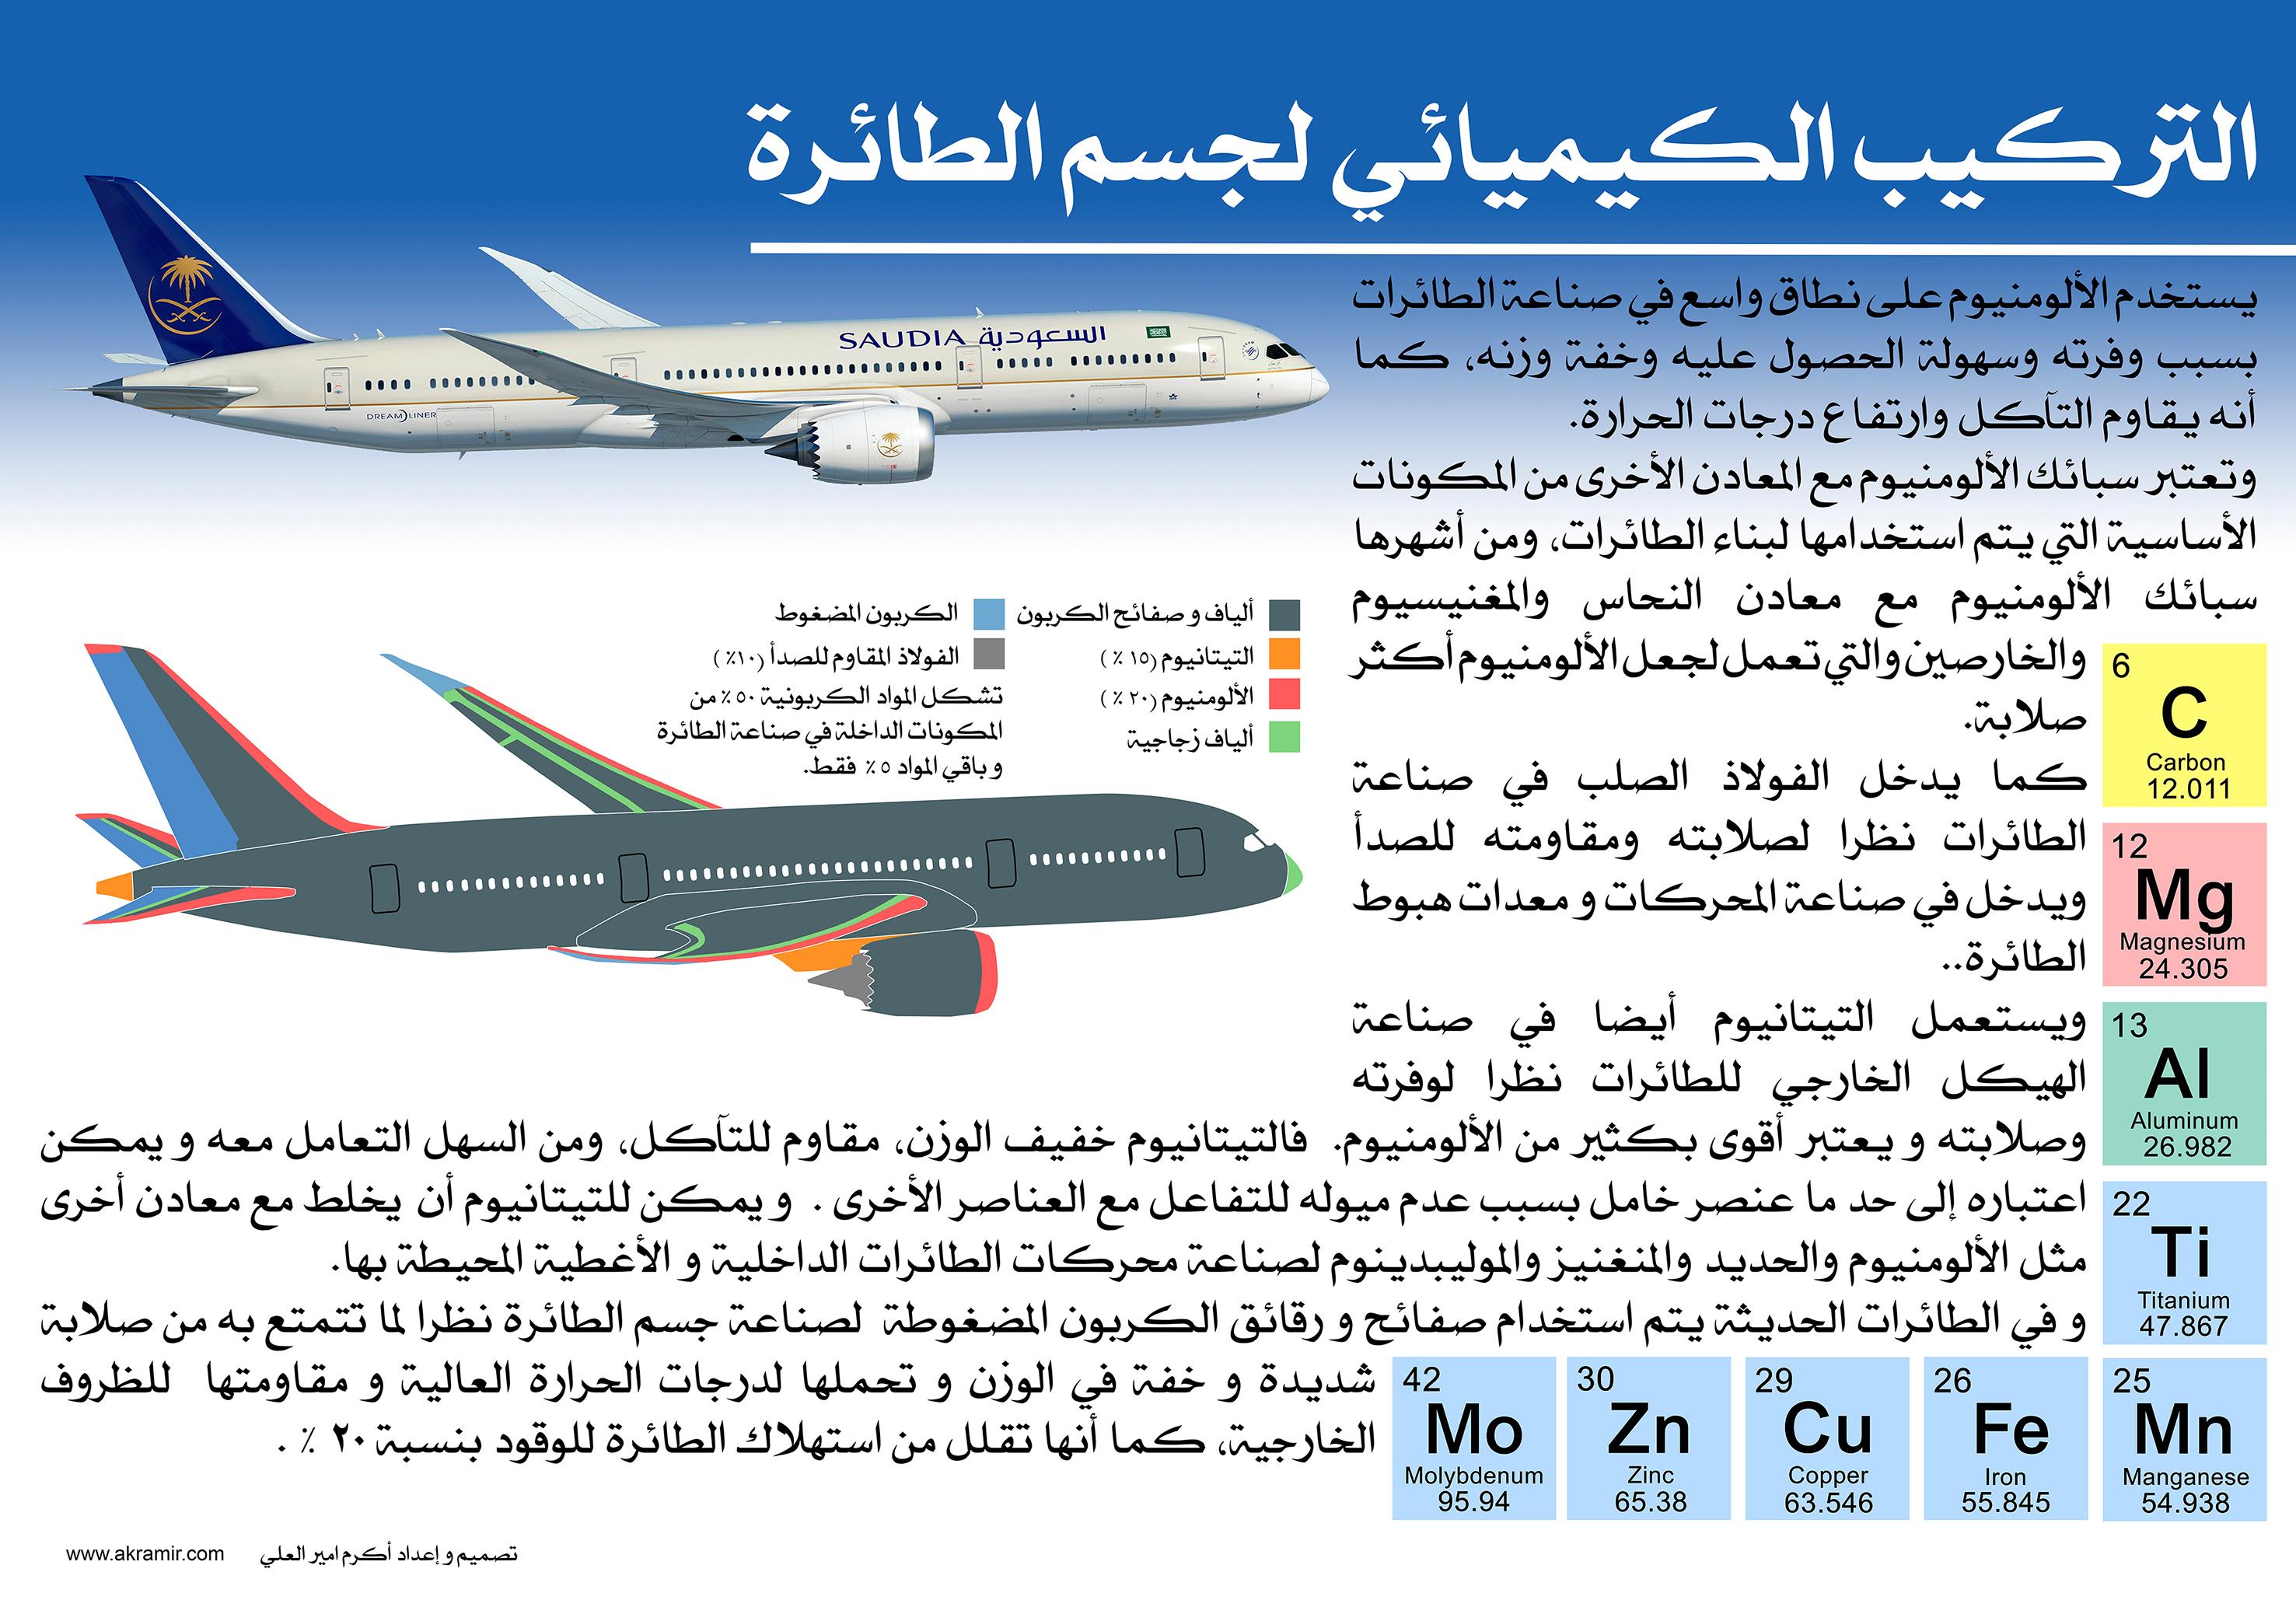 لوحة (بوستر) التركيب الكيميائي لجسم الطائرة (لوحة حجم كبير قابلة للتنزيل)